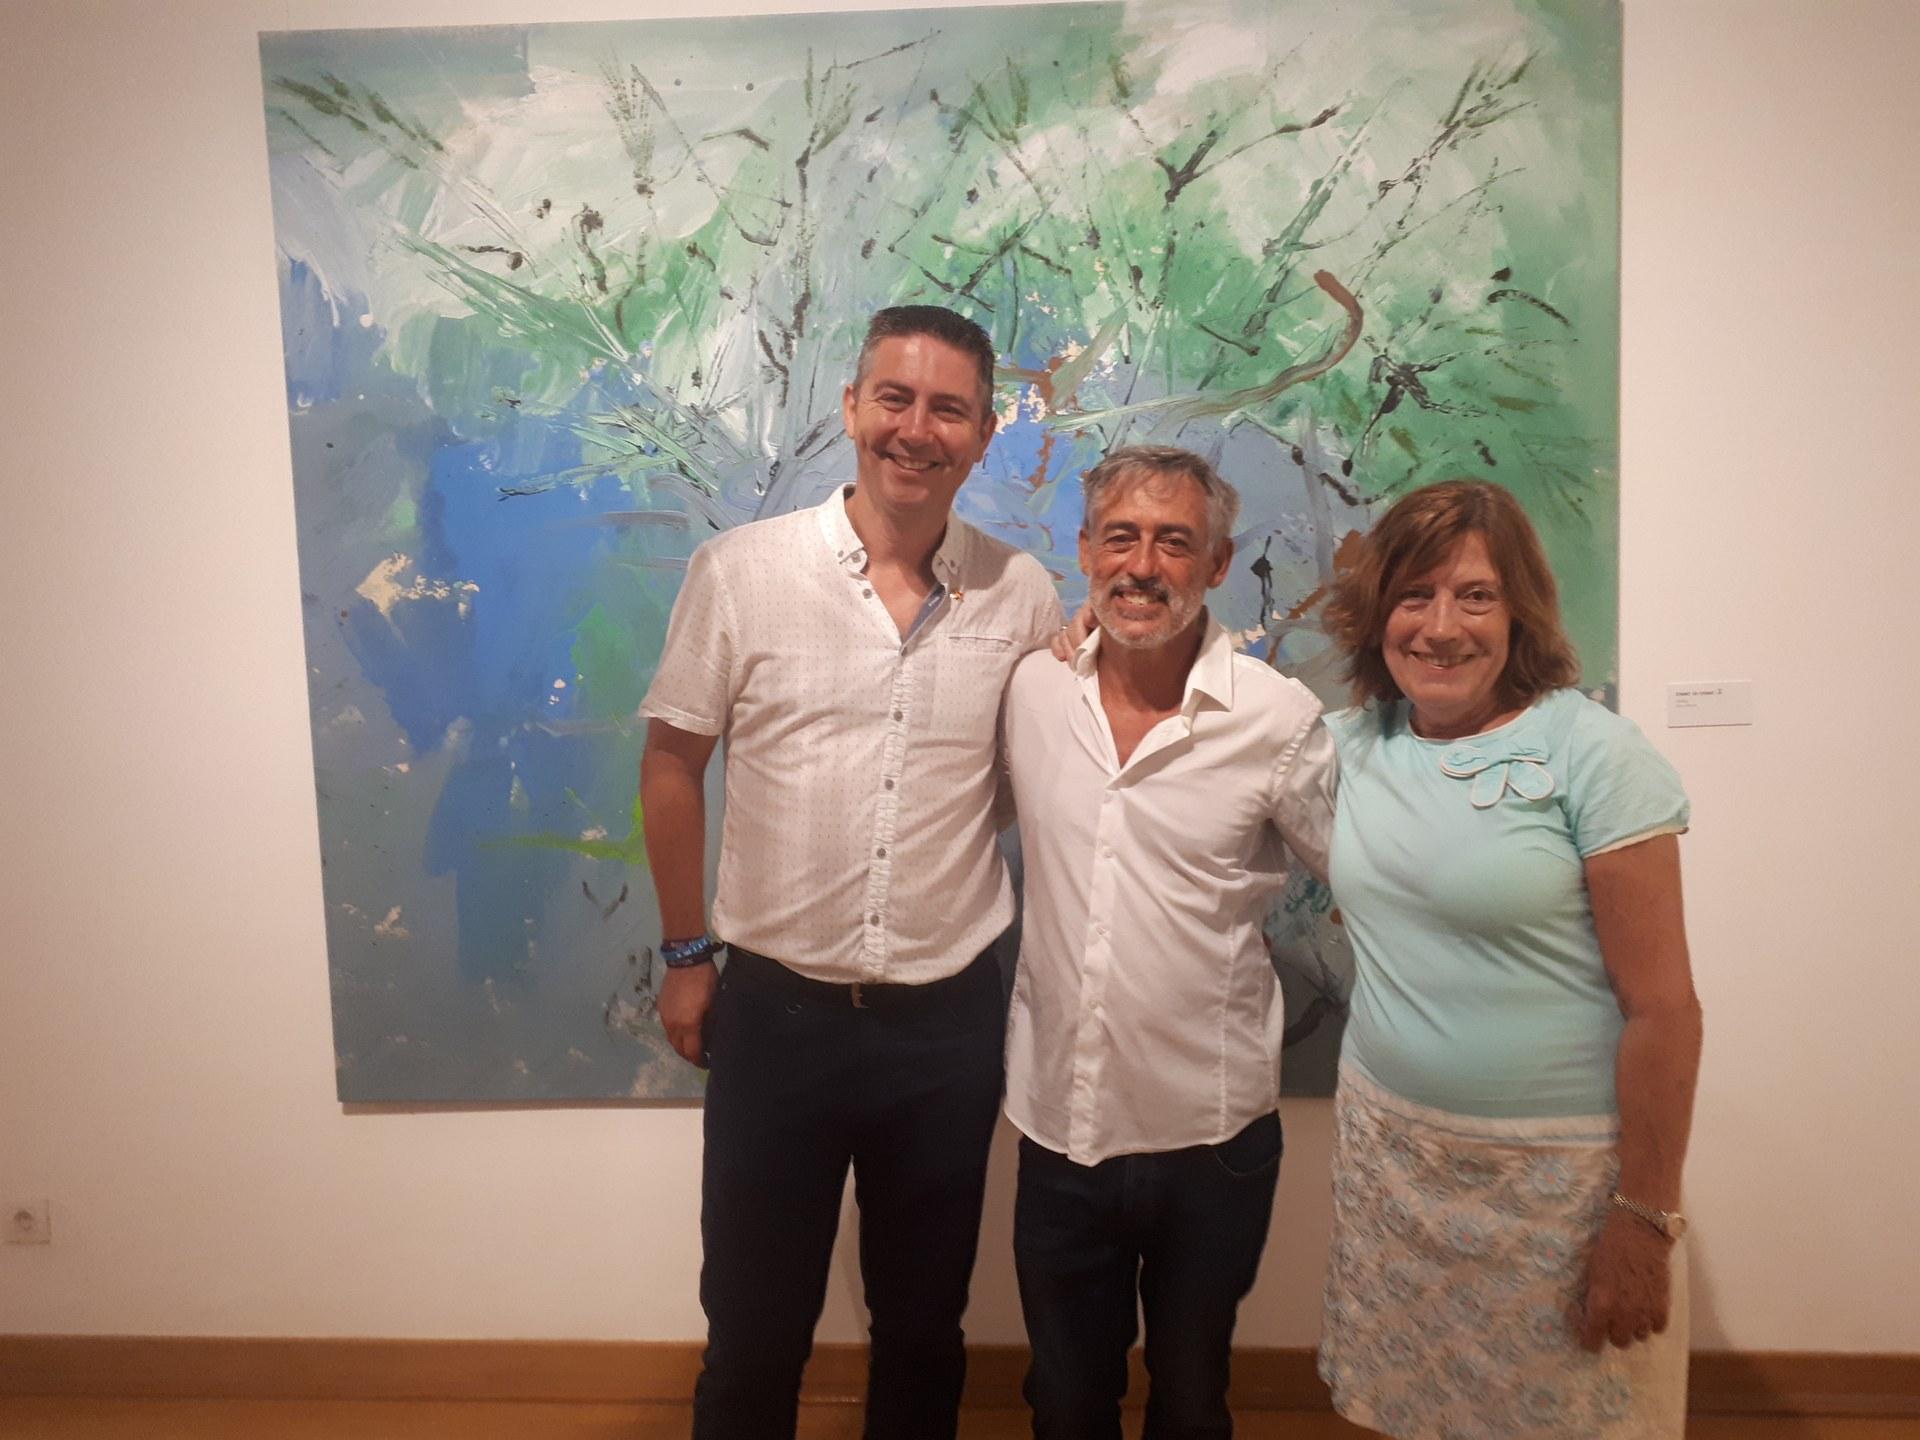 El regidor David Martínez, l'artista Albert Llobet Ascaso i la comissària de la mostra i artista Montse Marcet el dia de la inauguració